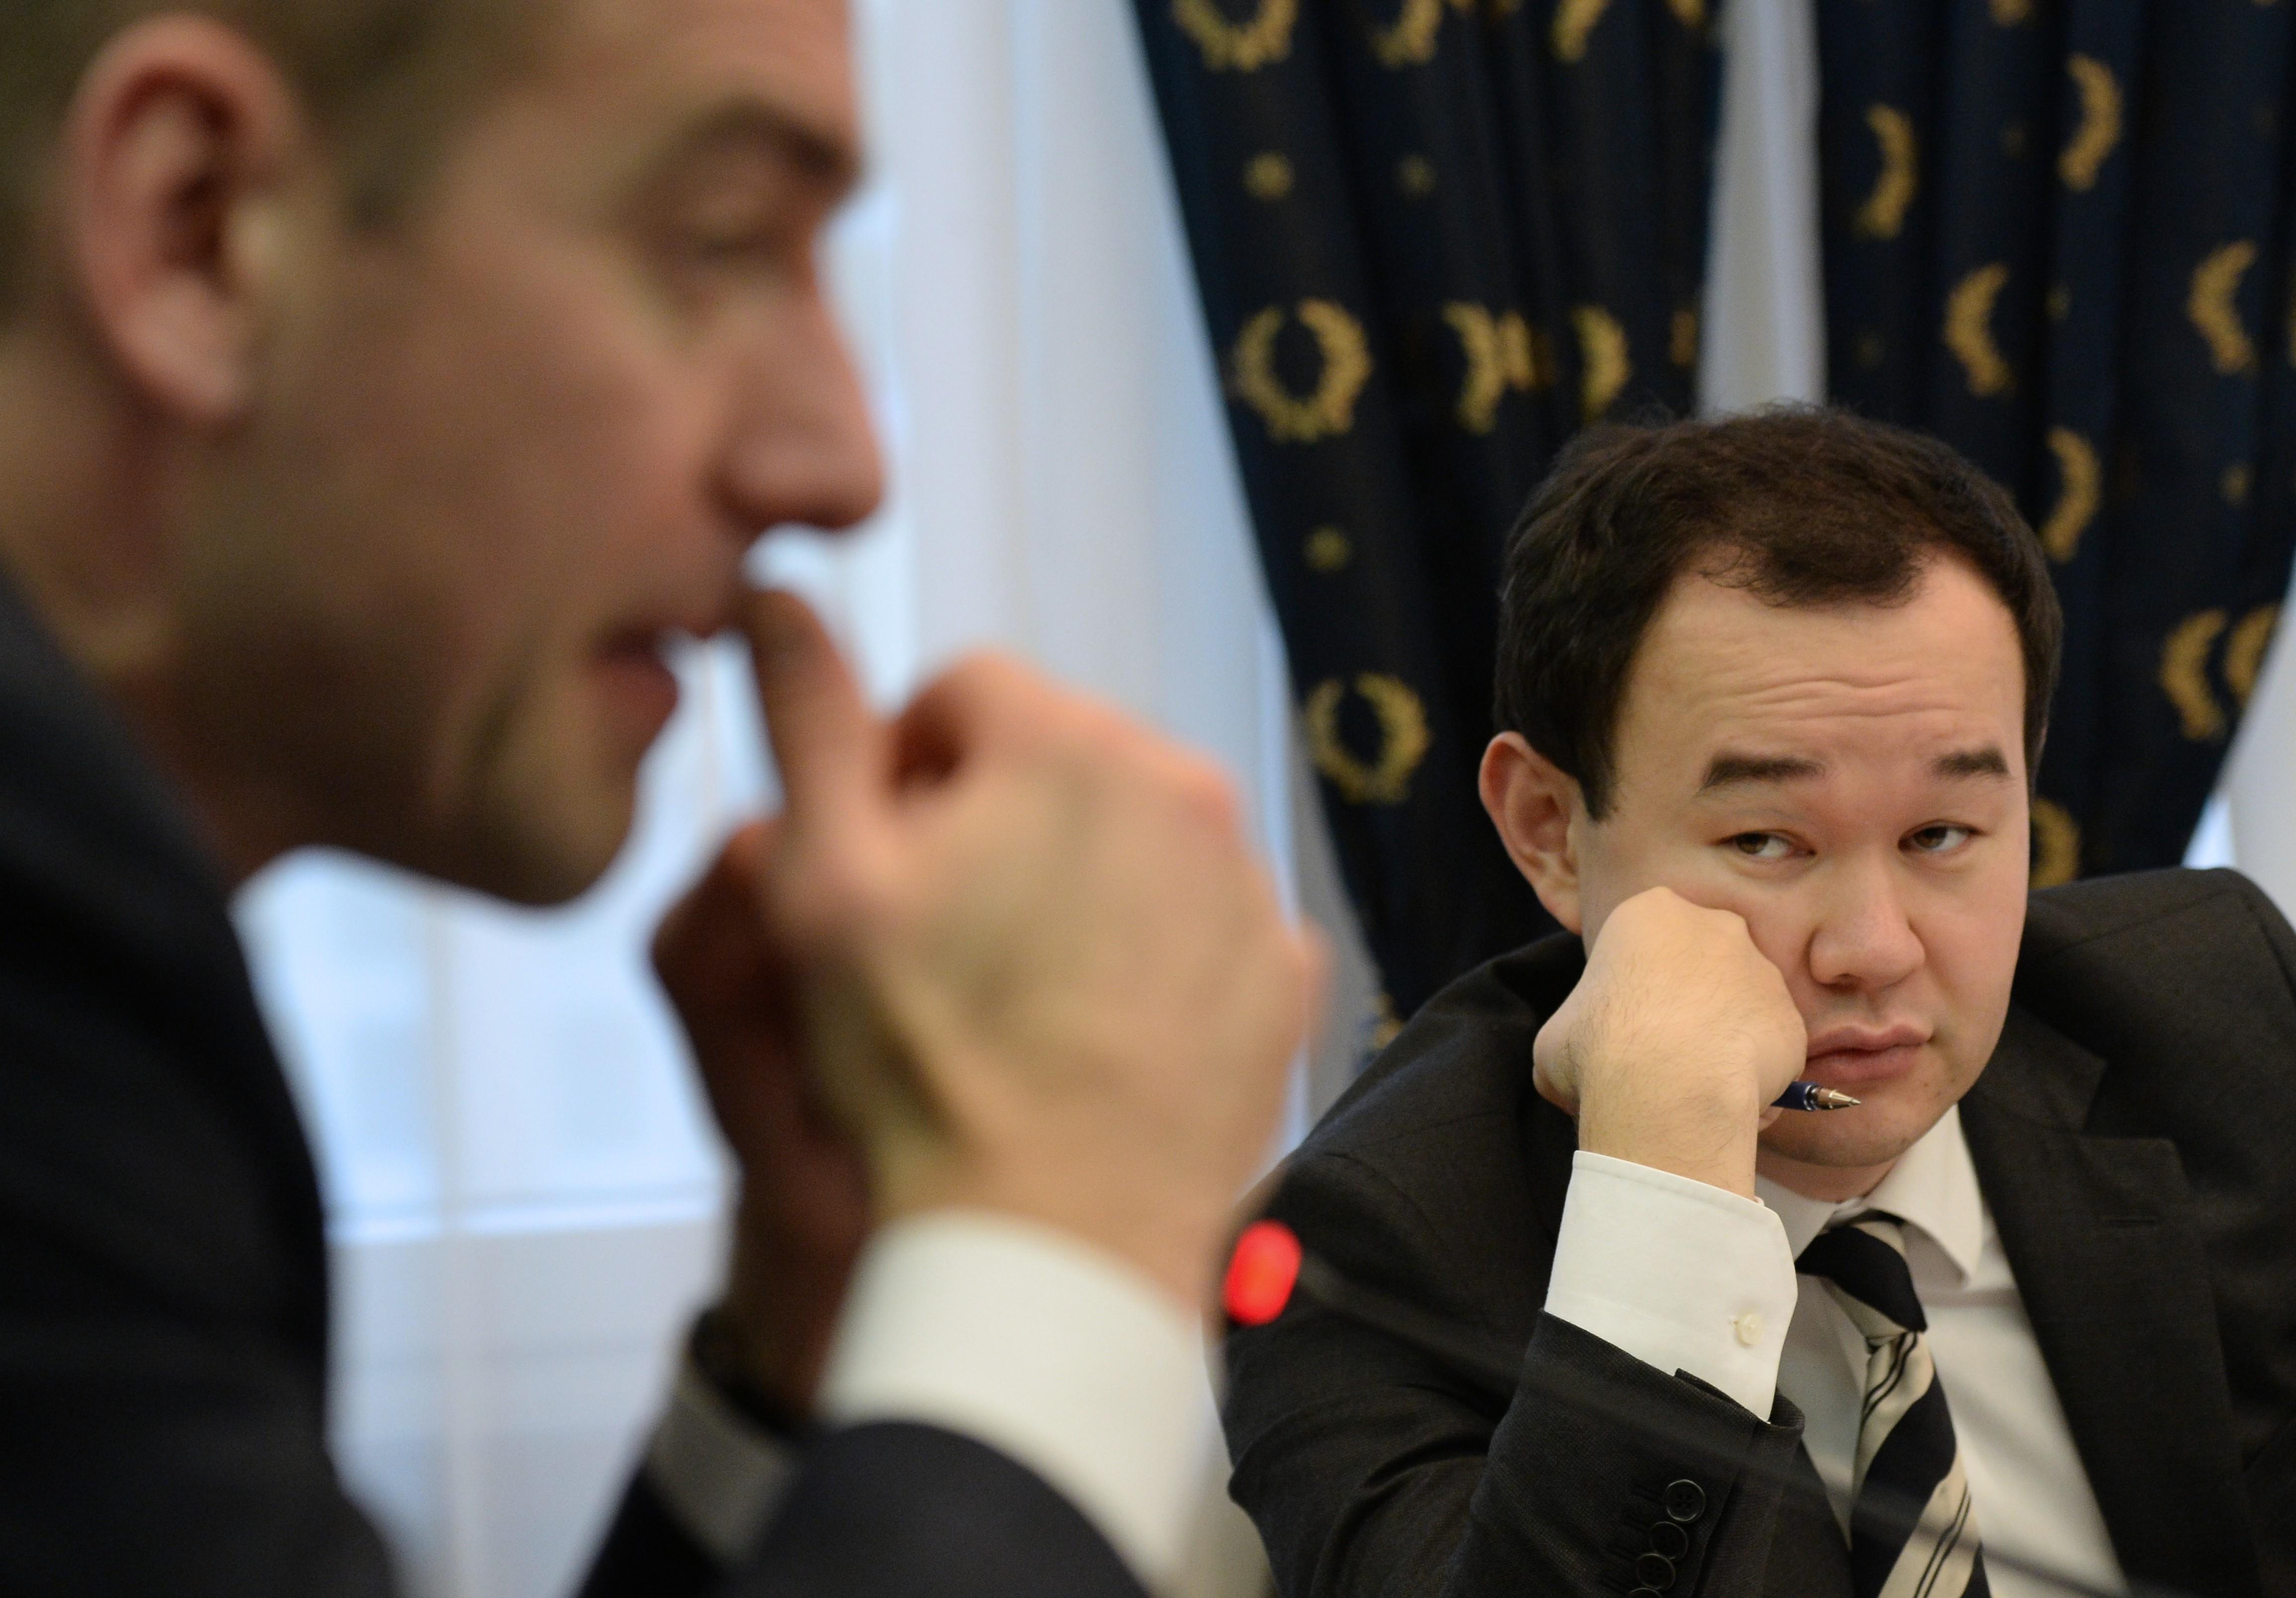 Денис Пак. Фото ©РИА Новости/Максим Блинов